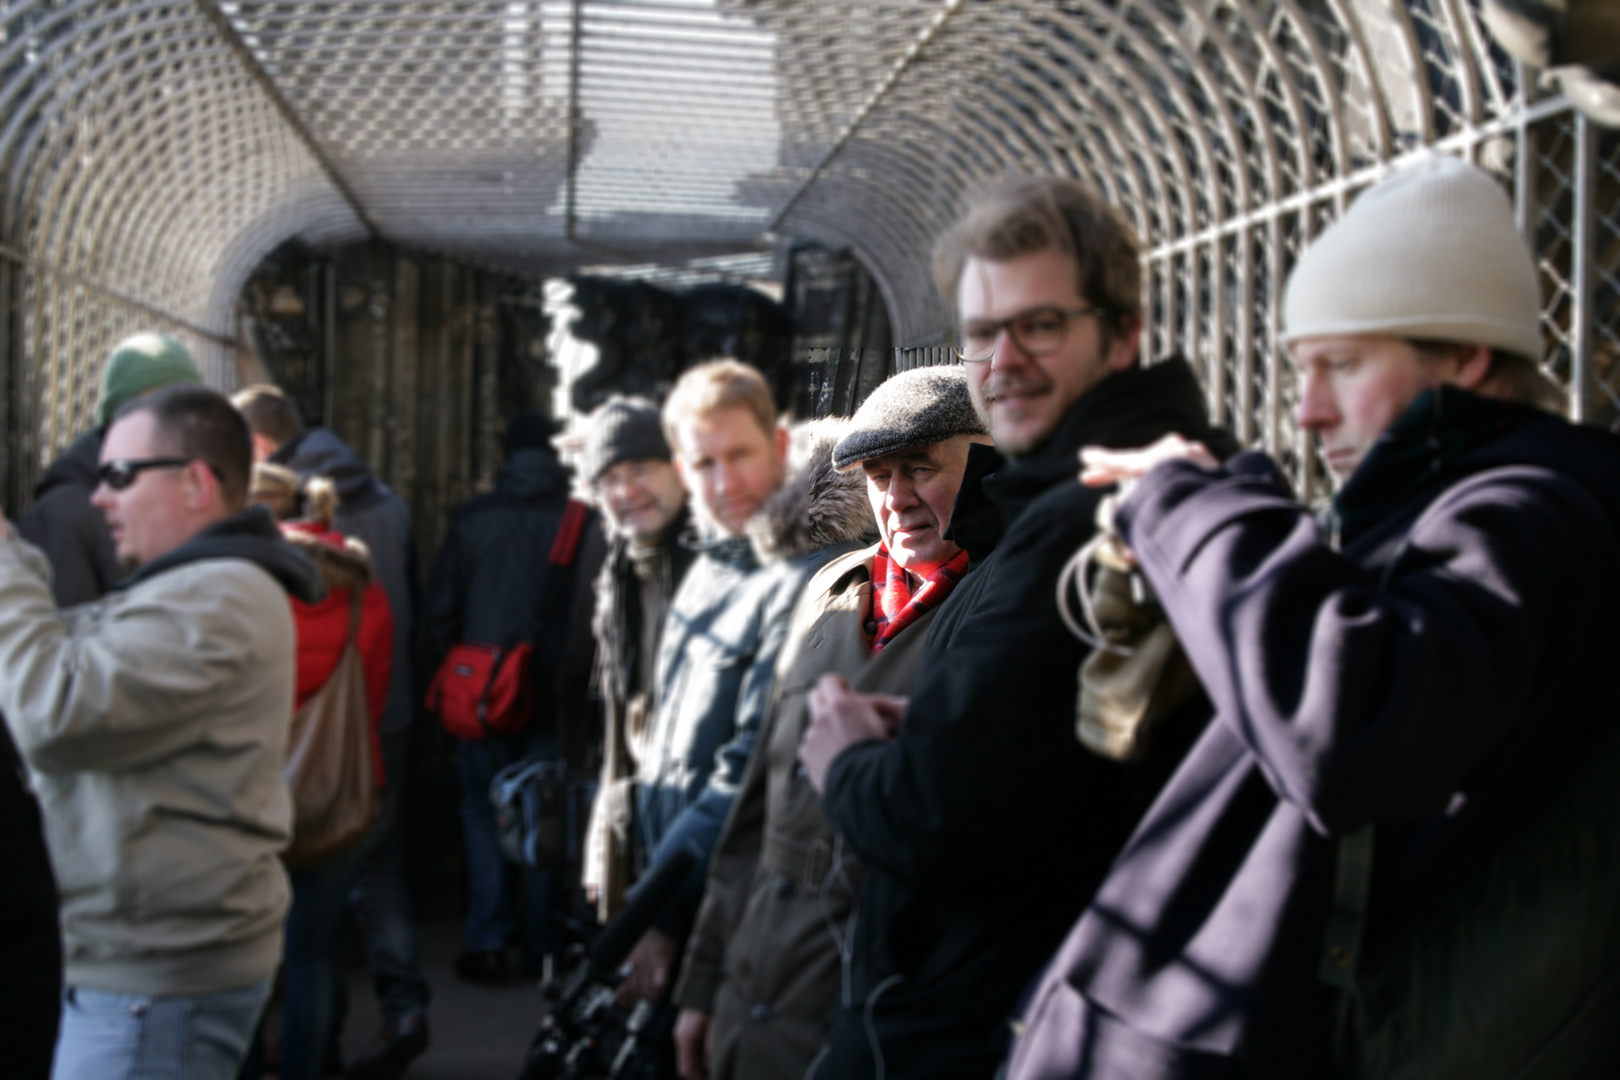 Filmdreh im Kölner Dom-Turm --- Wer kennt den Schauspieler?